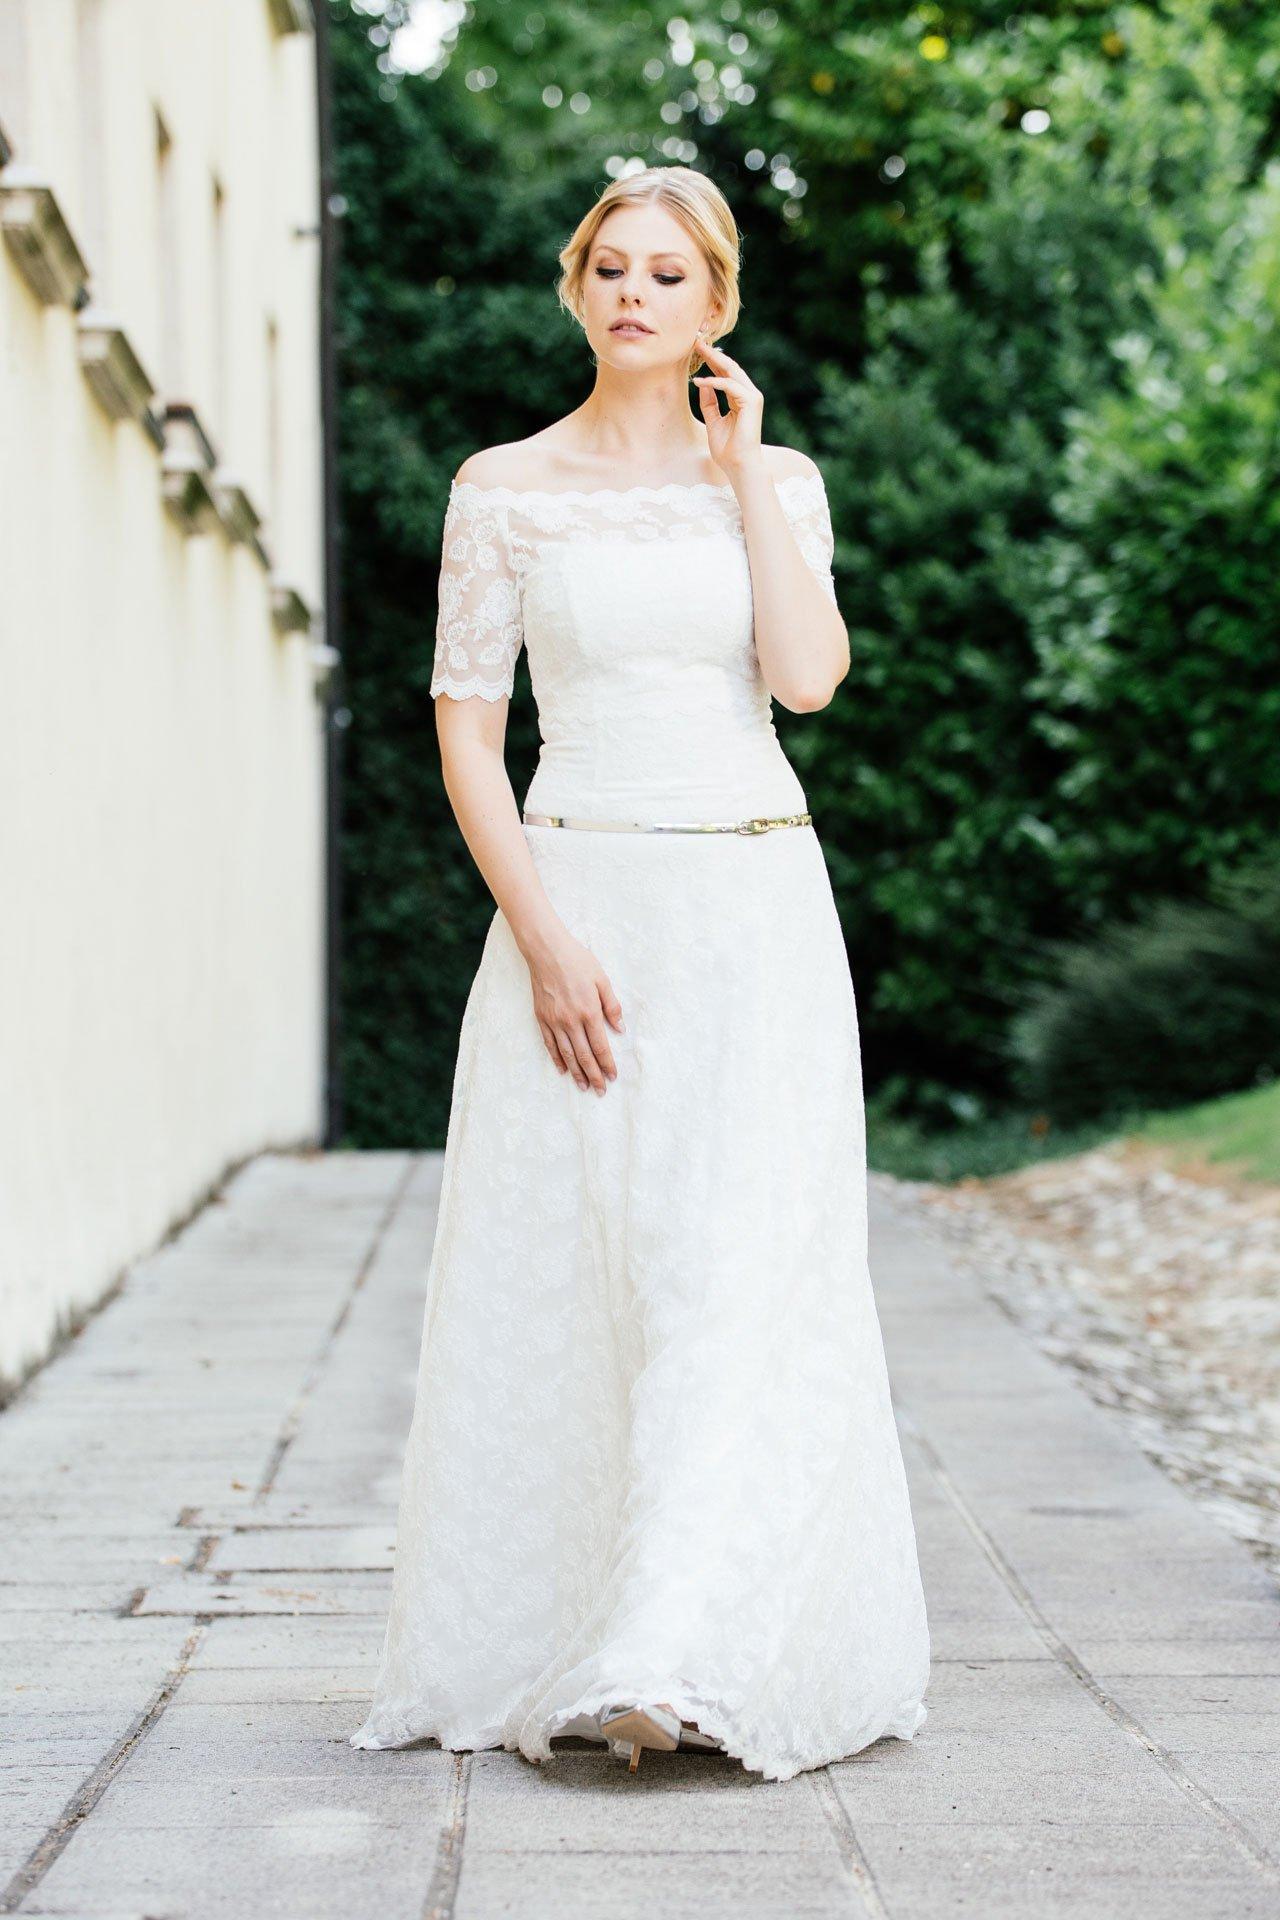 Brautkleid schulterfrei in schmaler A-Form mit ausgefallener Spitze